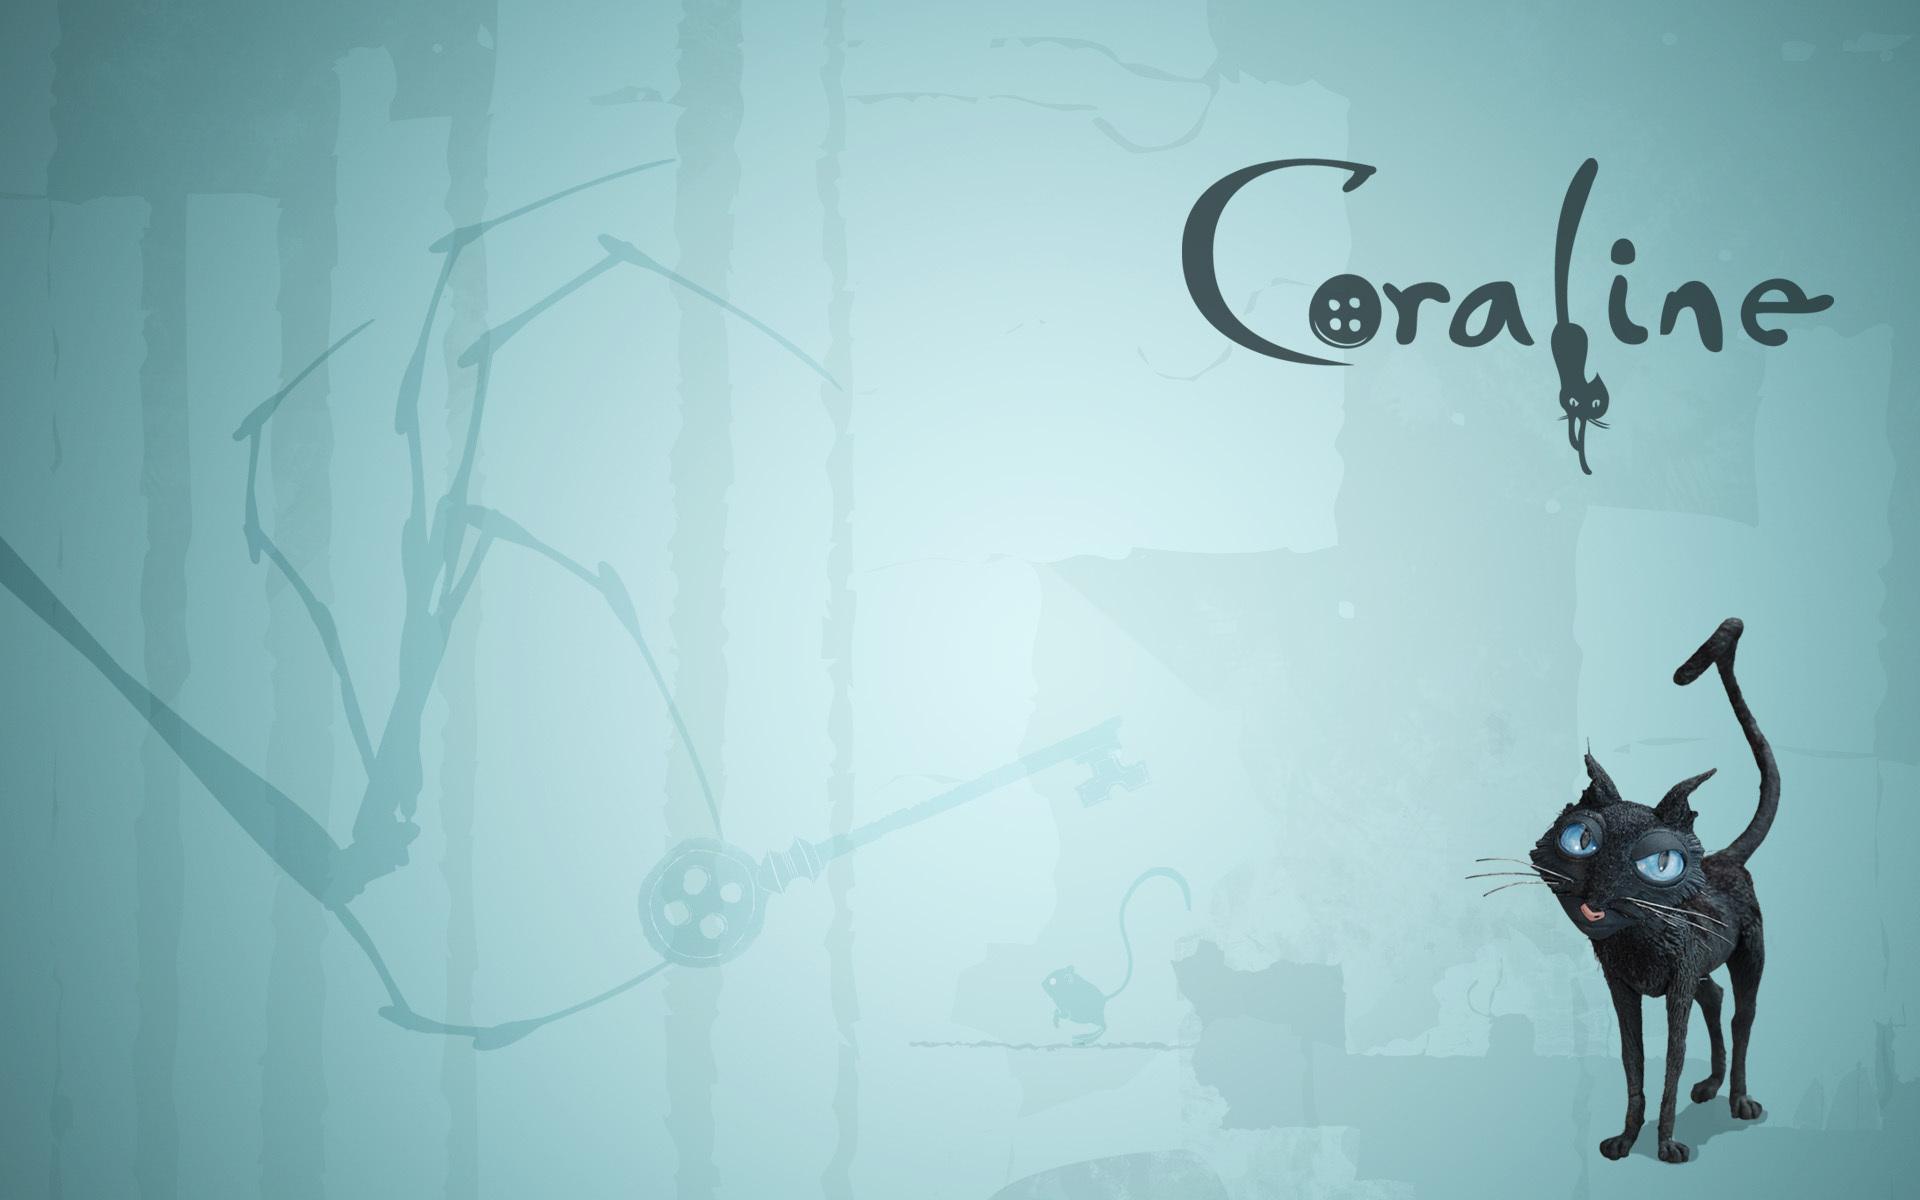 Cat Backround Coraline Wallpaper 5064797 Fanpop